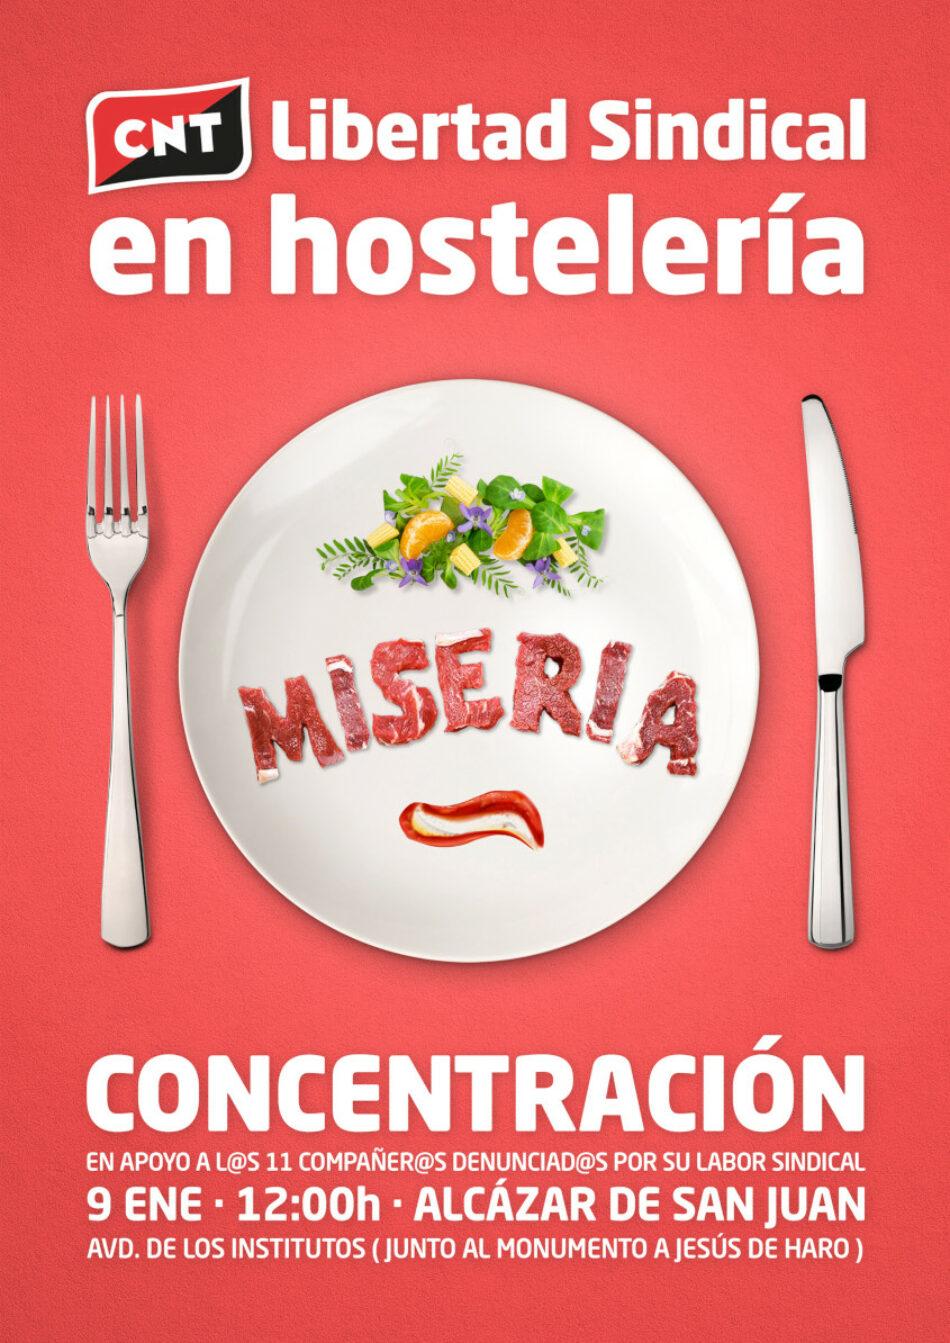 CNT convoca una concentración por la Libertad Sindical en la hostelería en Alcázar de San Juan